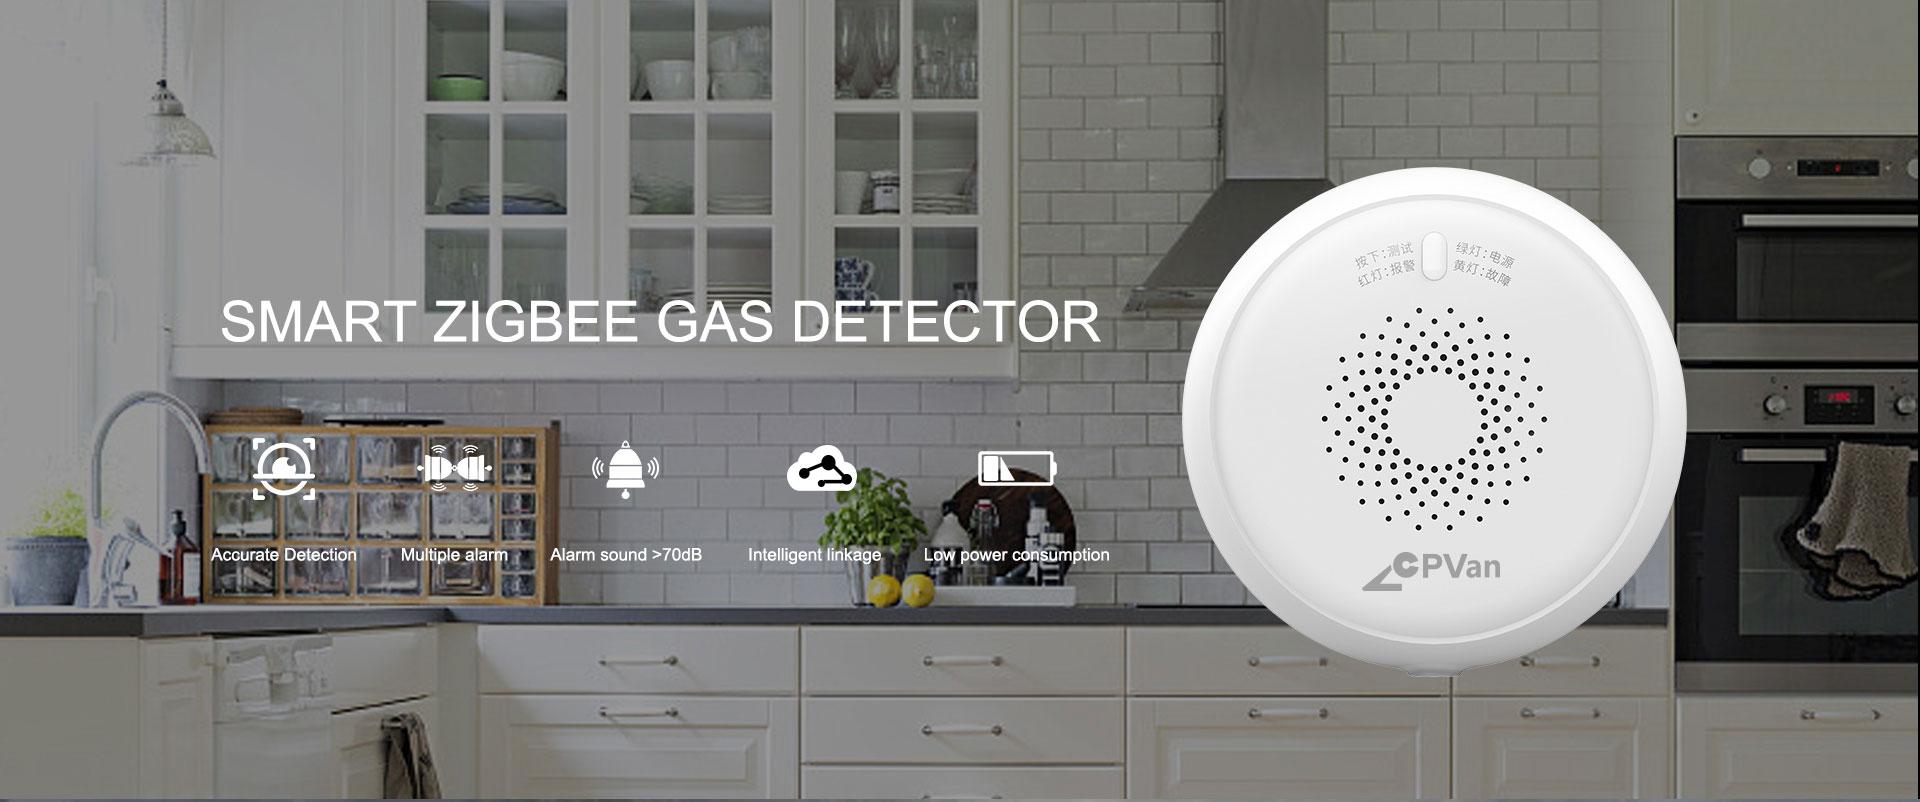 Zigbee Combustible Gas Sensor